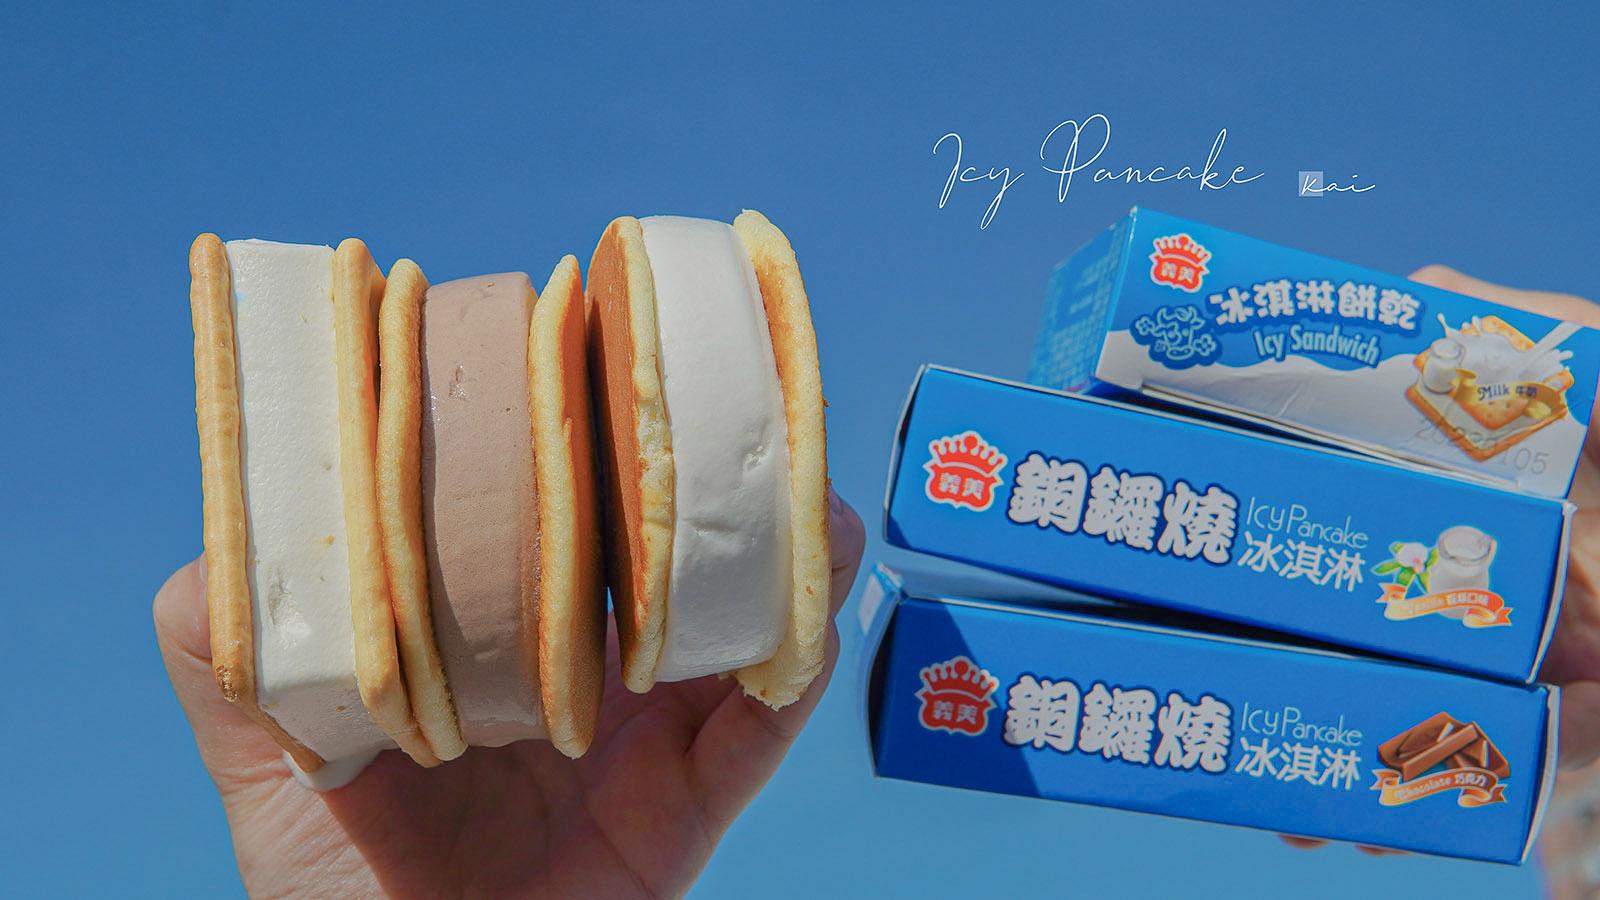 網站近期文章:☆【超商冰品】義美「銅鑼燒冰淇淋」、「冰淇淋餅乾」。哆拉A夢的夏日天菜